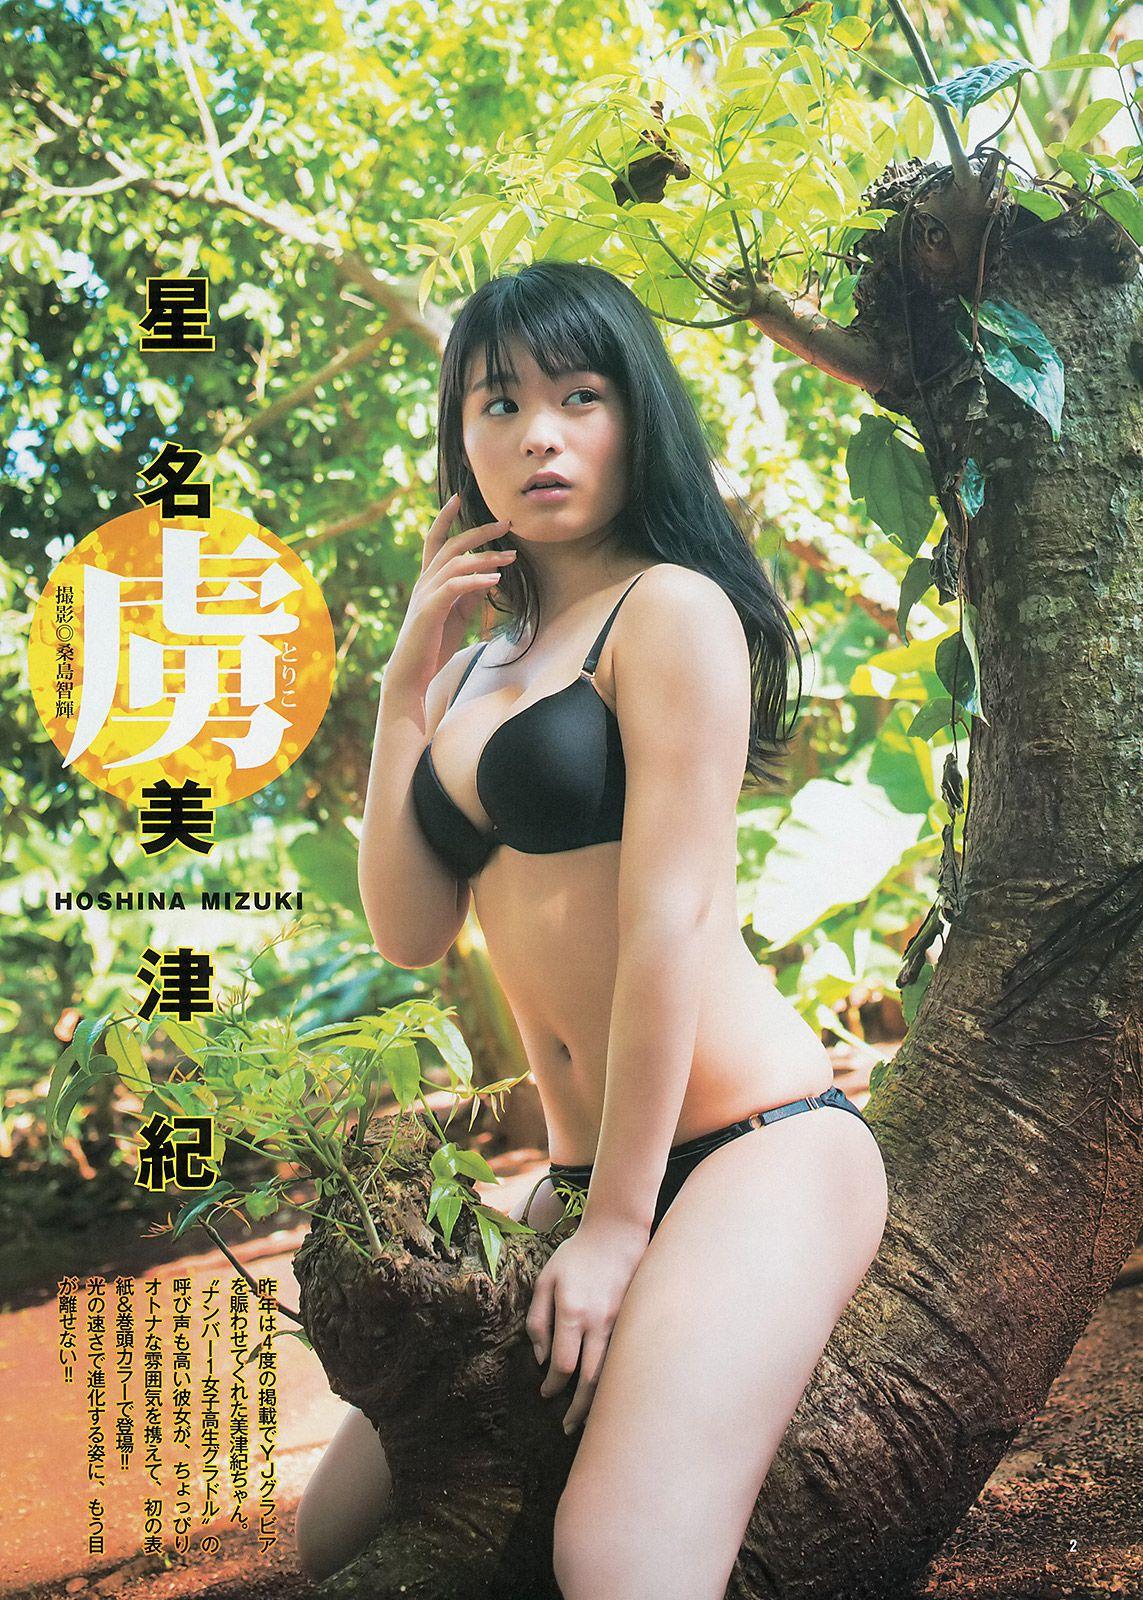 アイドル星名美津紀の画像パート2 - まとめ屋さん